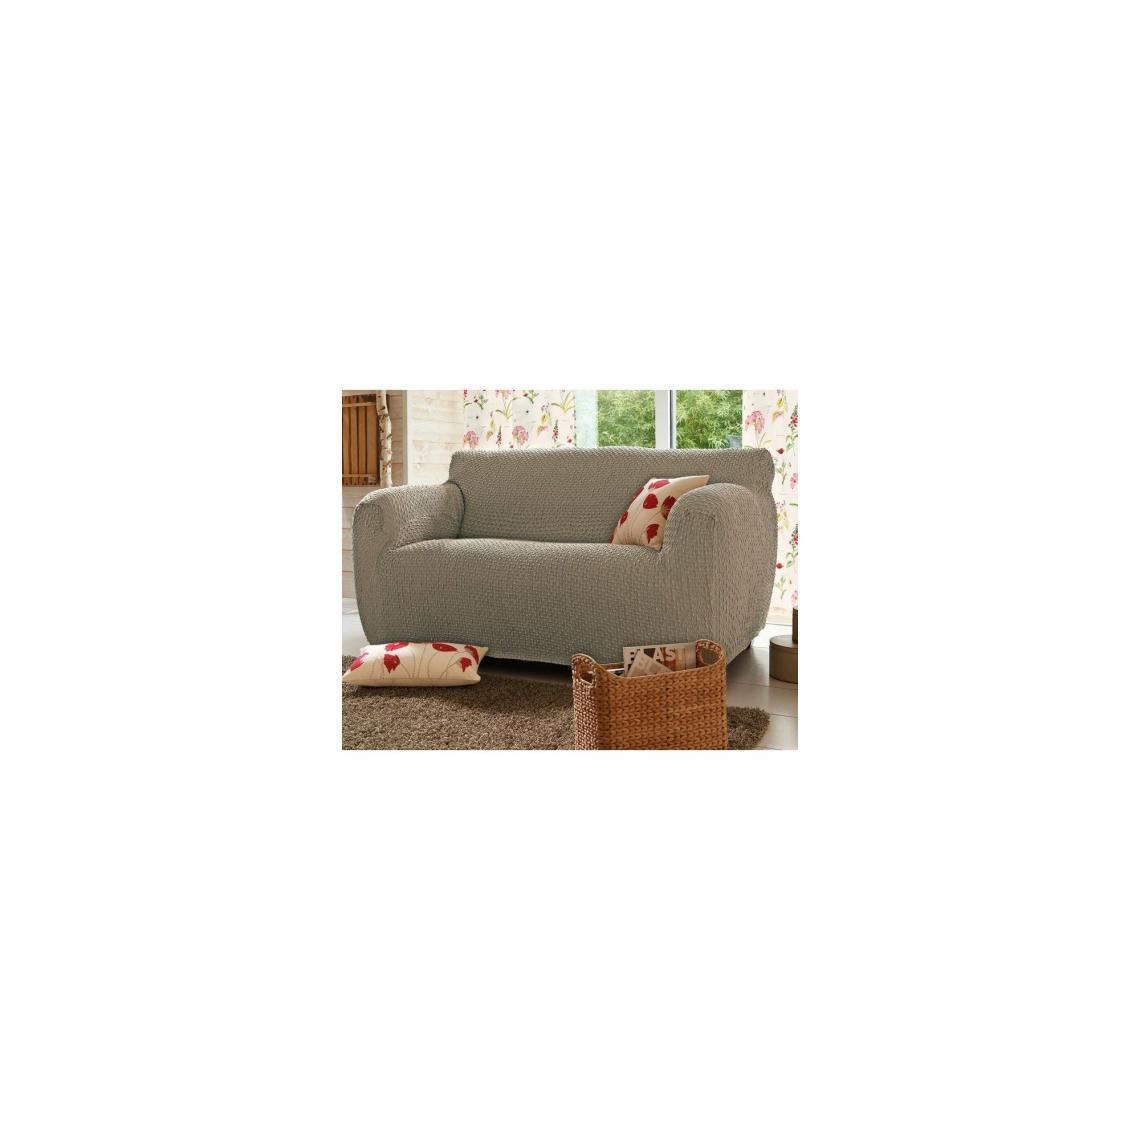 Comment Faire Une Housse De Fauteuil housse de canapé bi-extensibles fauteuil et canapé à accoudoirs - beige 1  avis plus de détails